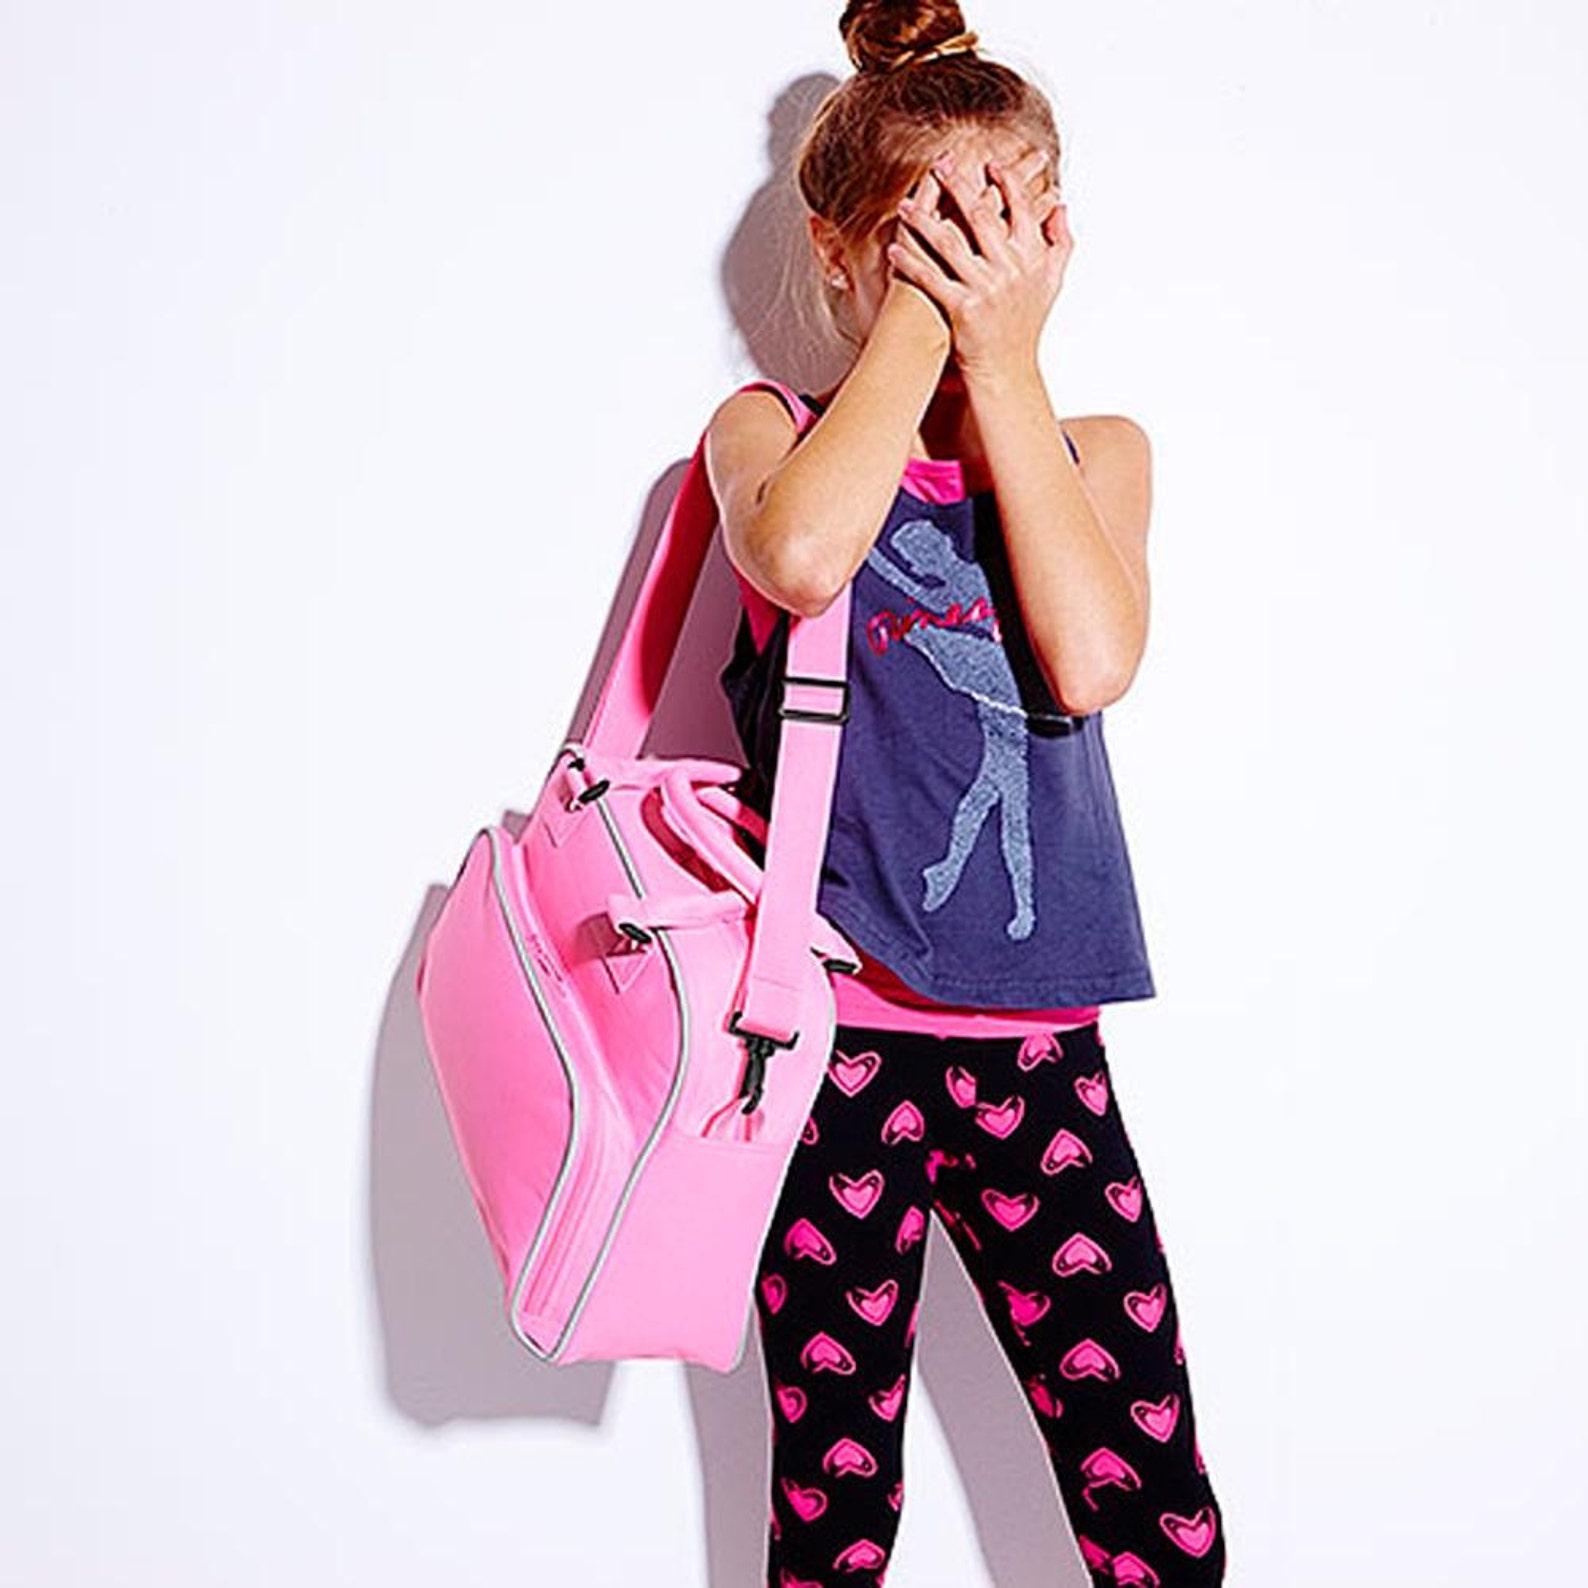 Personalised Embroidered Ballet Dance Shoulder Bag